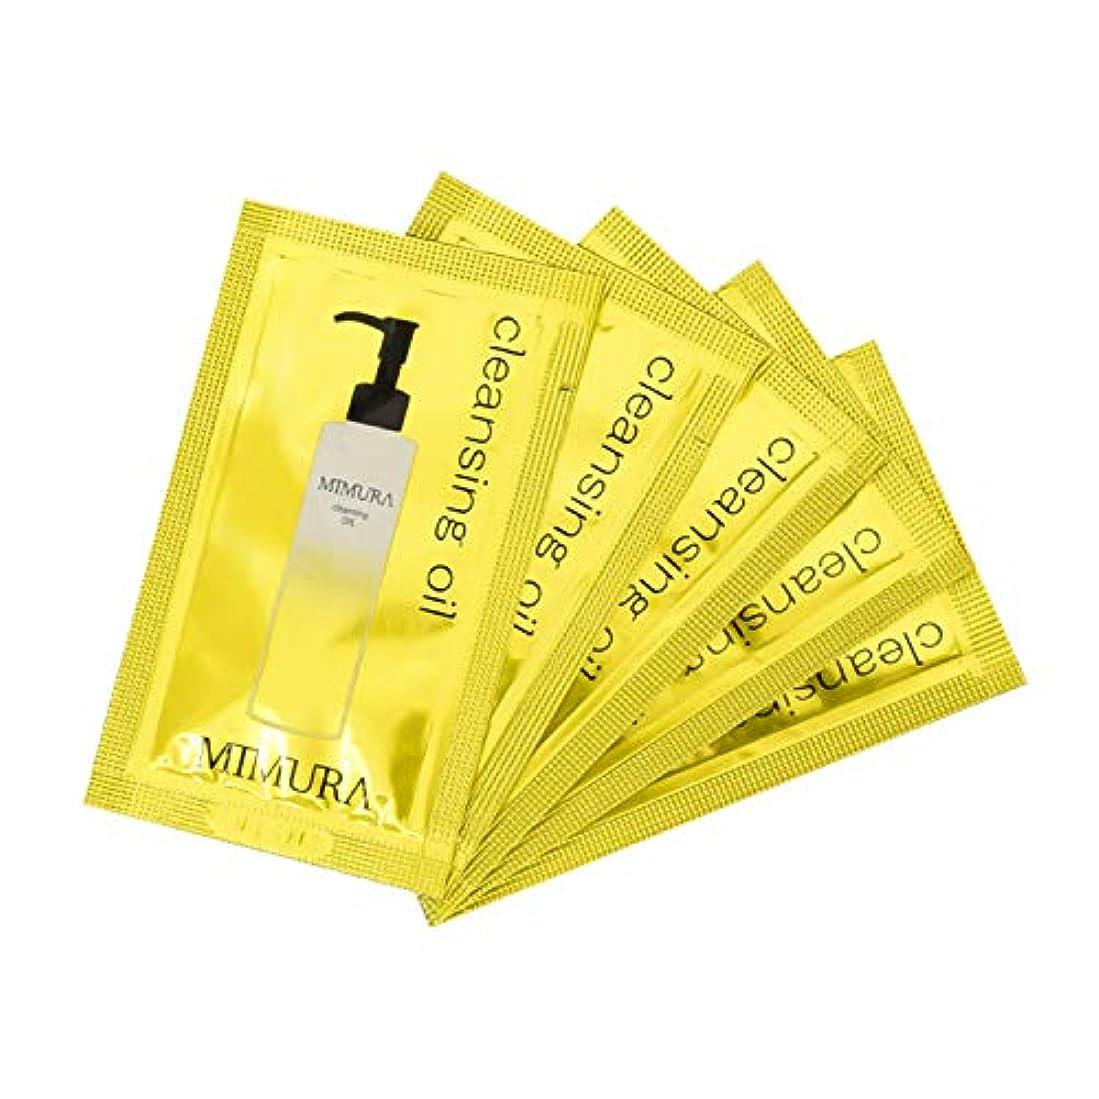 浸漬花輪賛美歌クレンジングオイル マツエク ok w洗顔不要 毛穴 メイク落とし ミムラ 試供品 5個入り ゆうパケット(ポスト投函)での発送となります。 MIMURA 日本製 ※おひとり様1点、1回限りとなります。